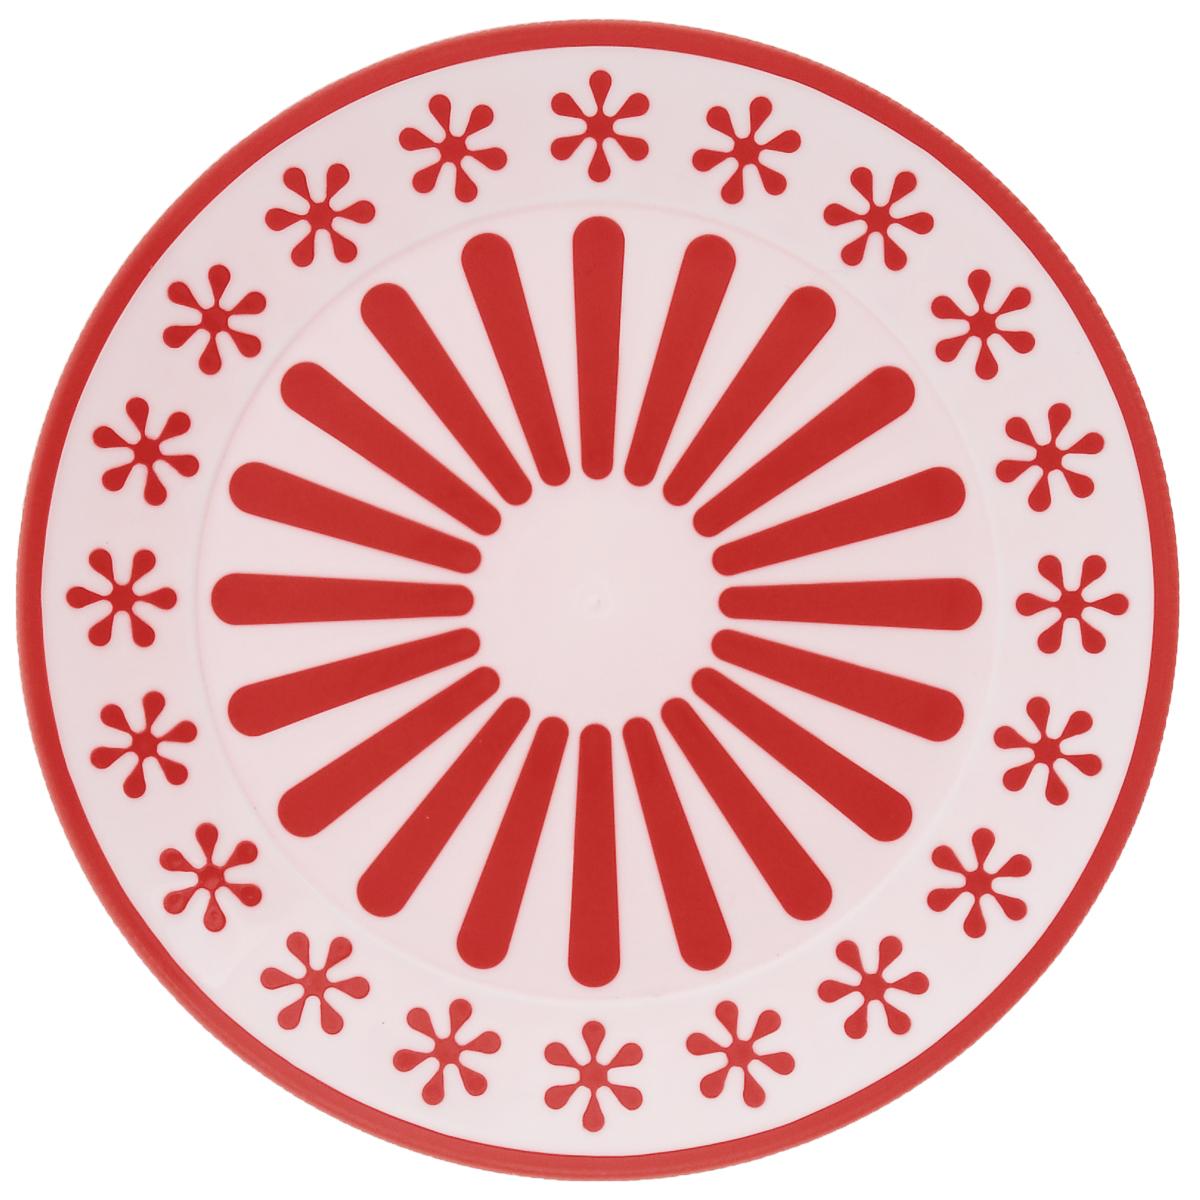 Тарелка Альтернатива Валенсия, диаметр 19 смM4887Круглая тарелка Альтернатива Валенсия, изготовленная из высококачественного пластика, оформлена оригинальным и ярким рисунком. Изделие подходит для повседневного пользования. Диаметр тарелки: 19 см. Высота тарелки: 1,7 см.